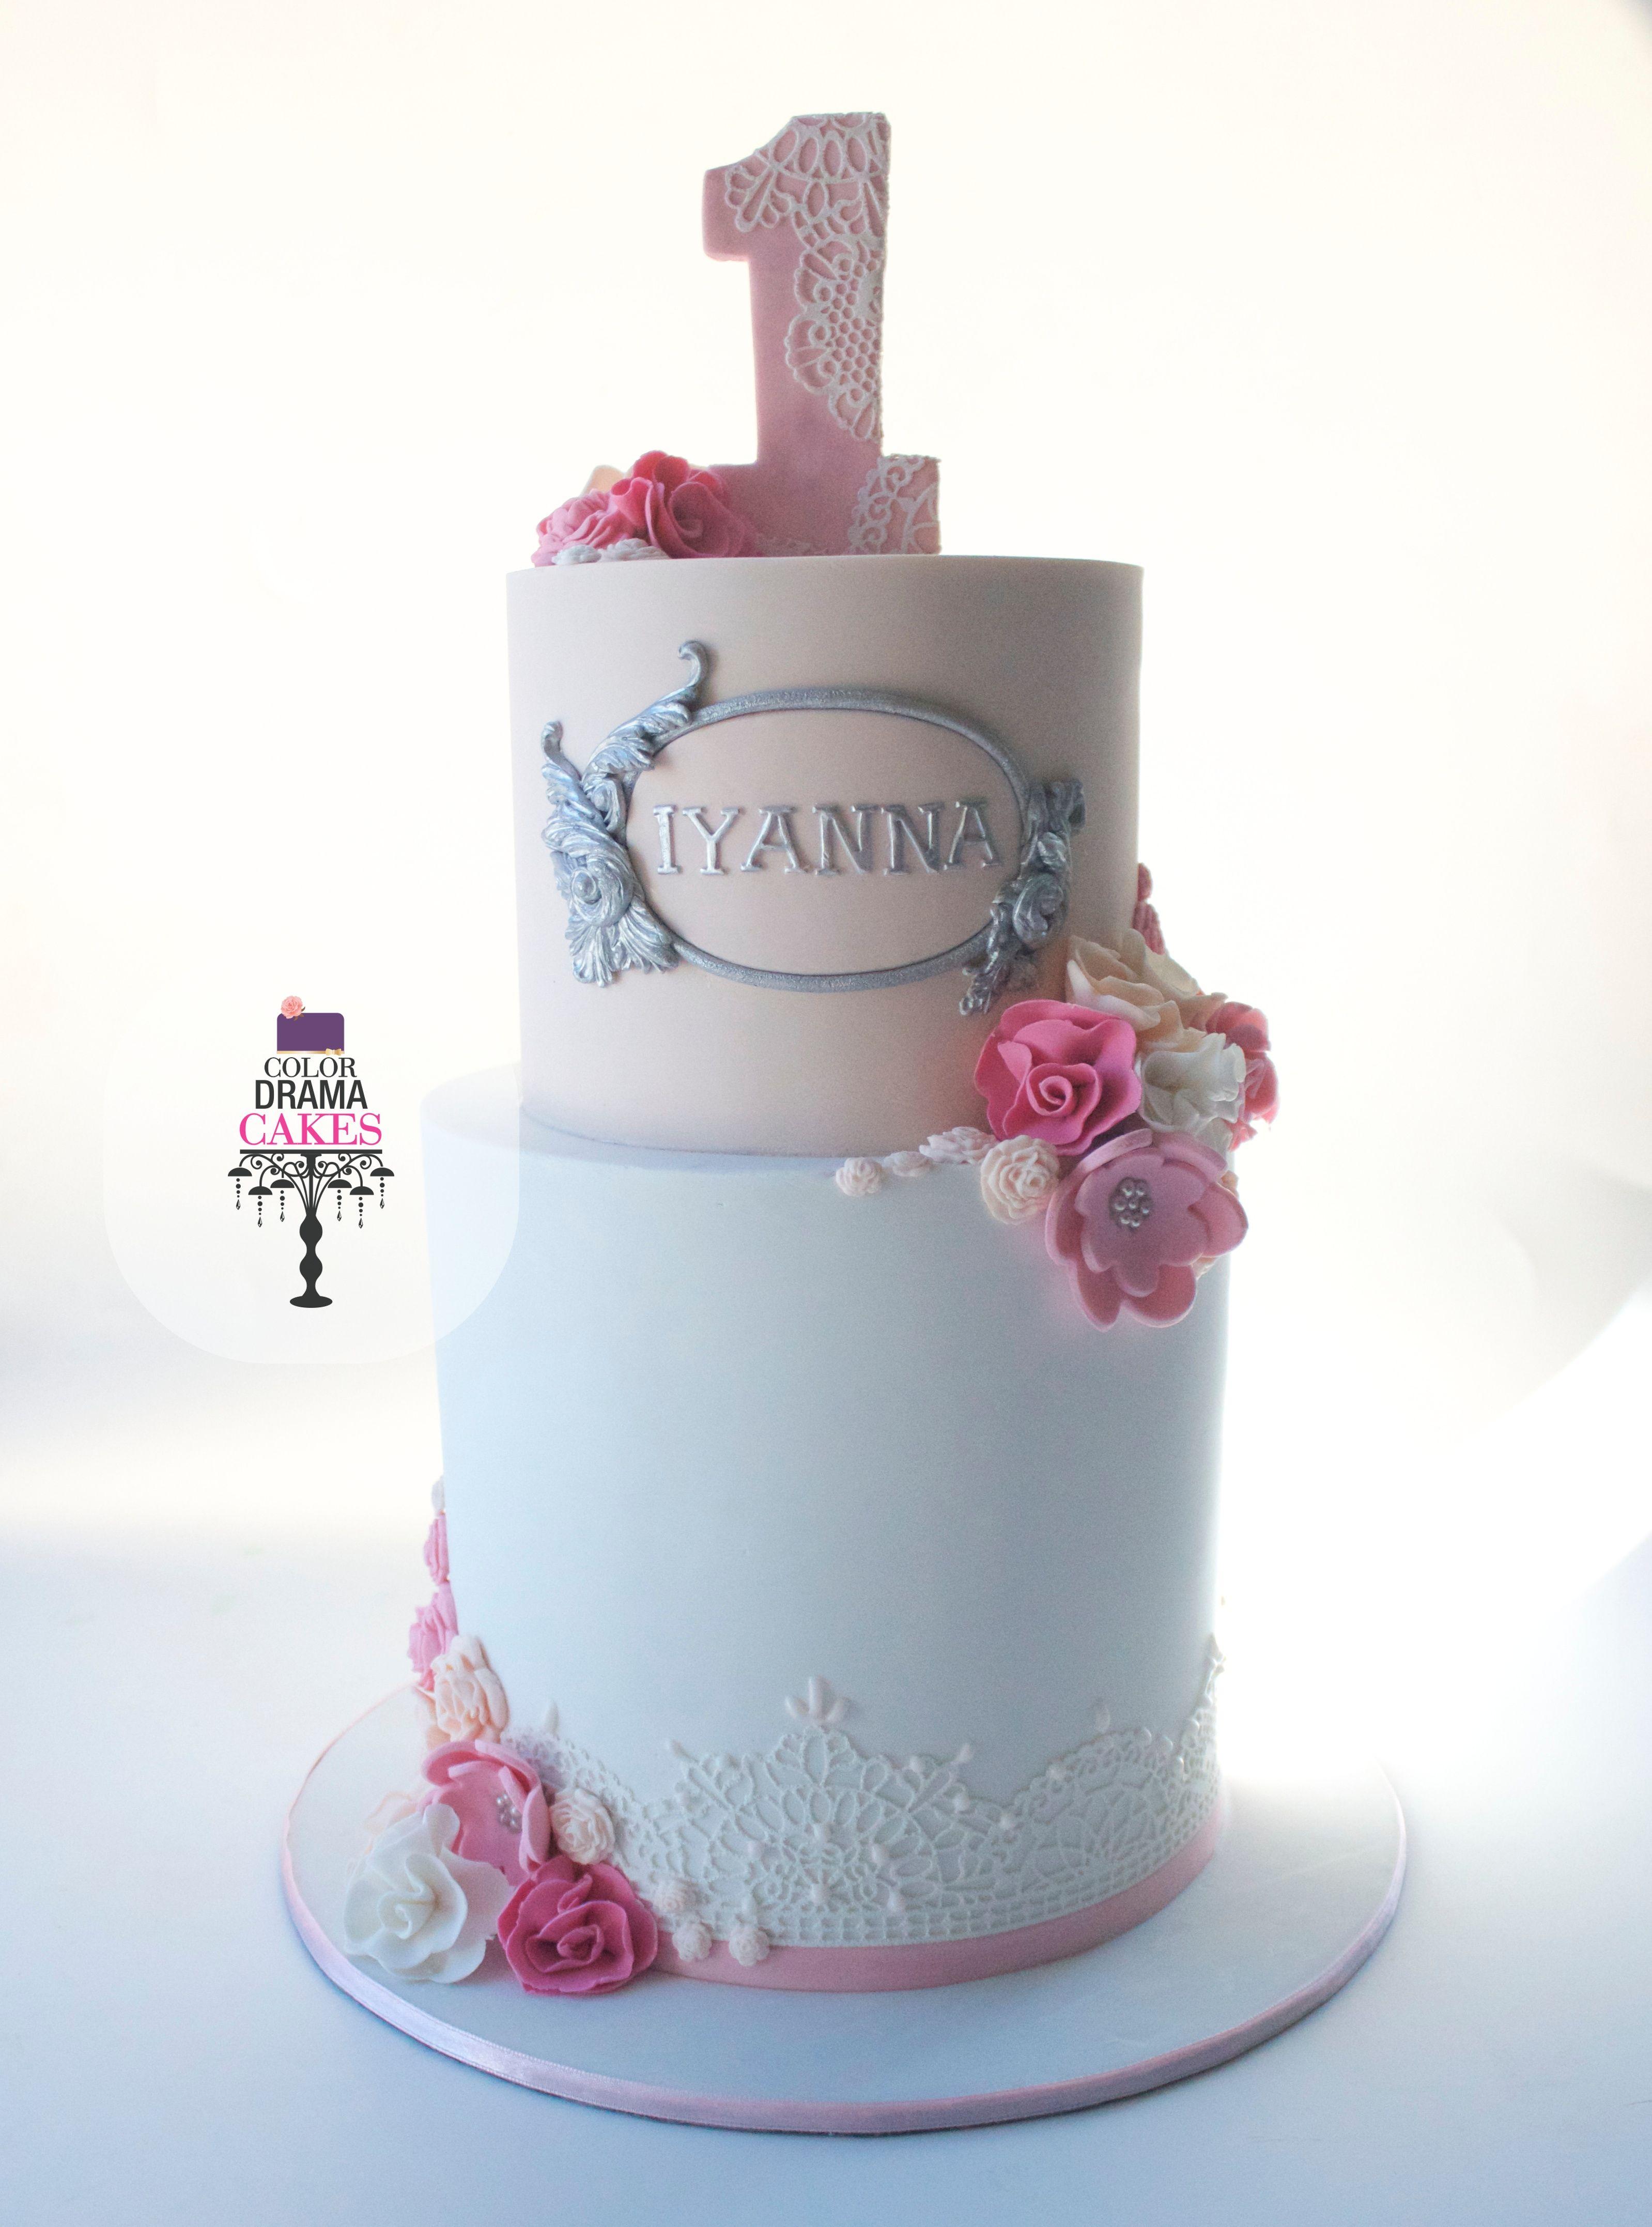 1st birthday cake flower cake flower themed cake pink cake 1st birthday cake flower cake flower themed cake pink cake izmirmasajfo